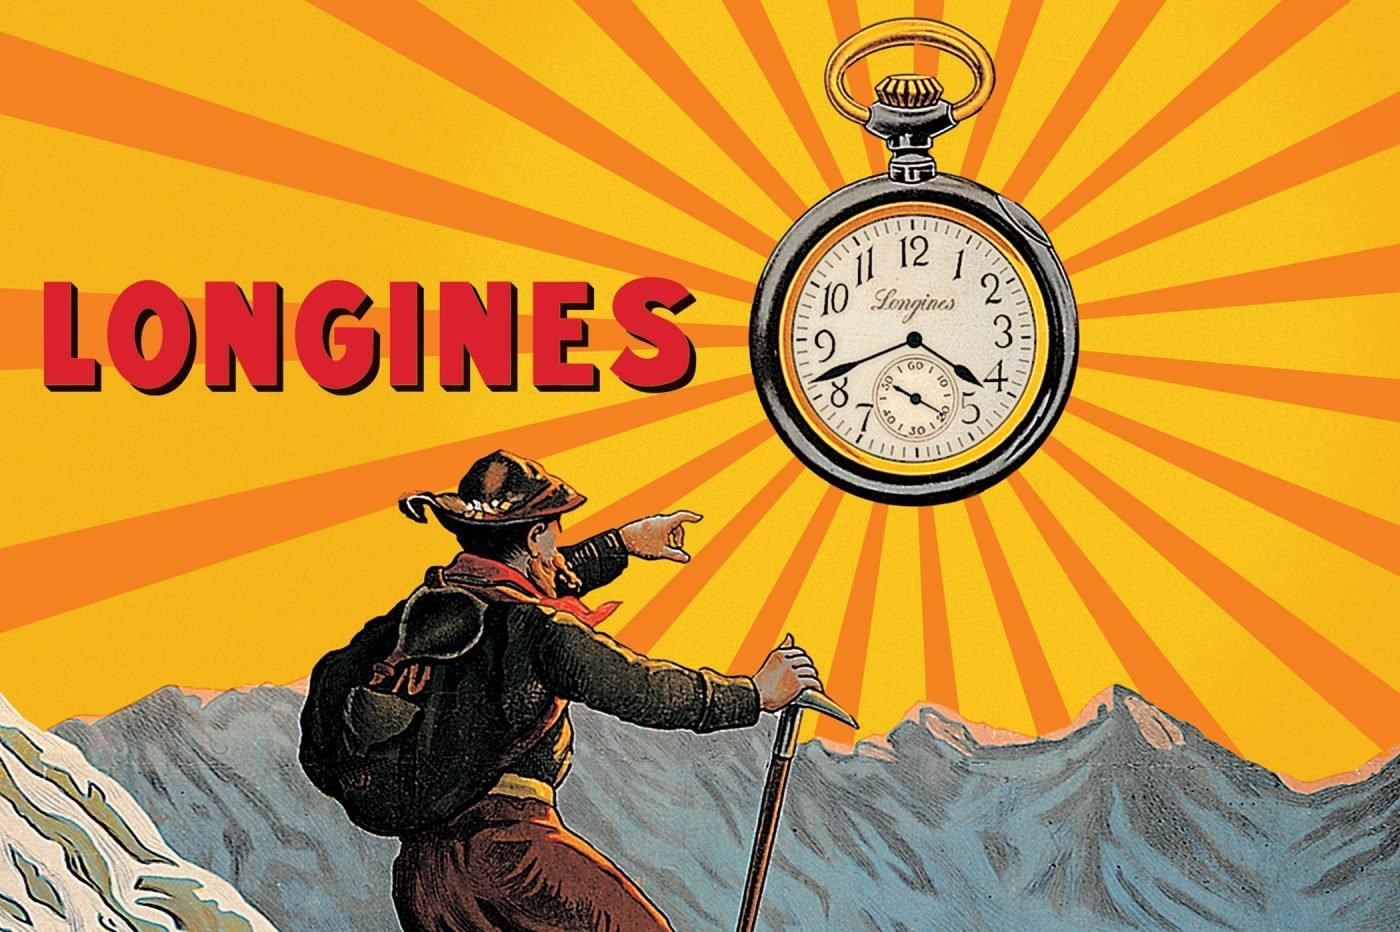 Najstarszy zegarek Longines w Polsce – wyniki konkursu